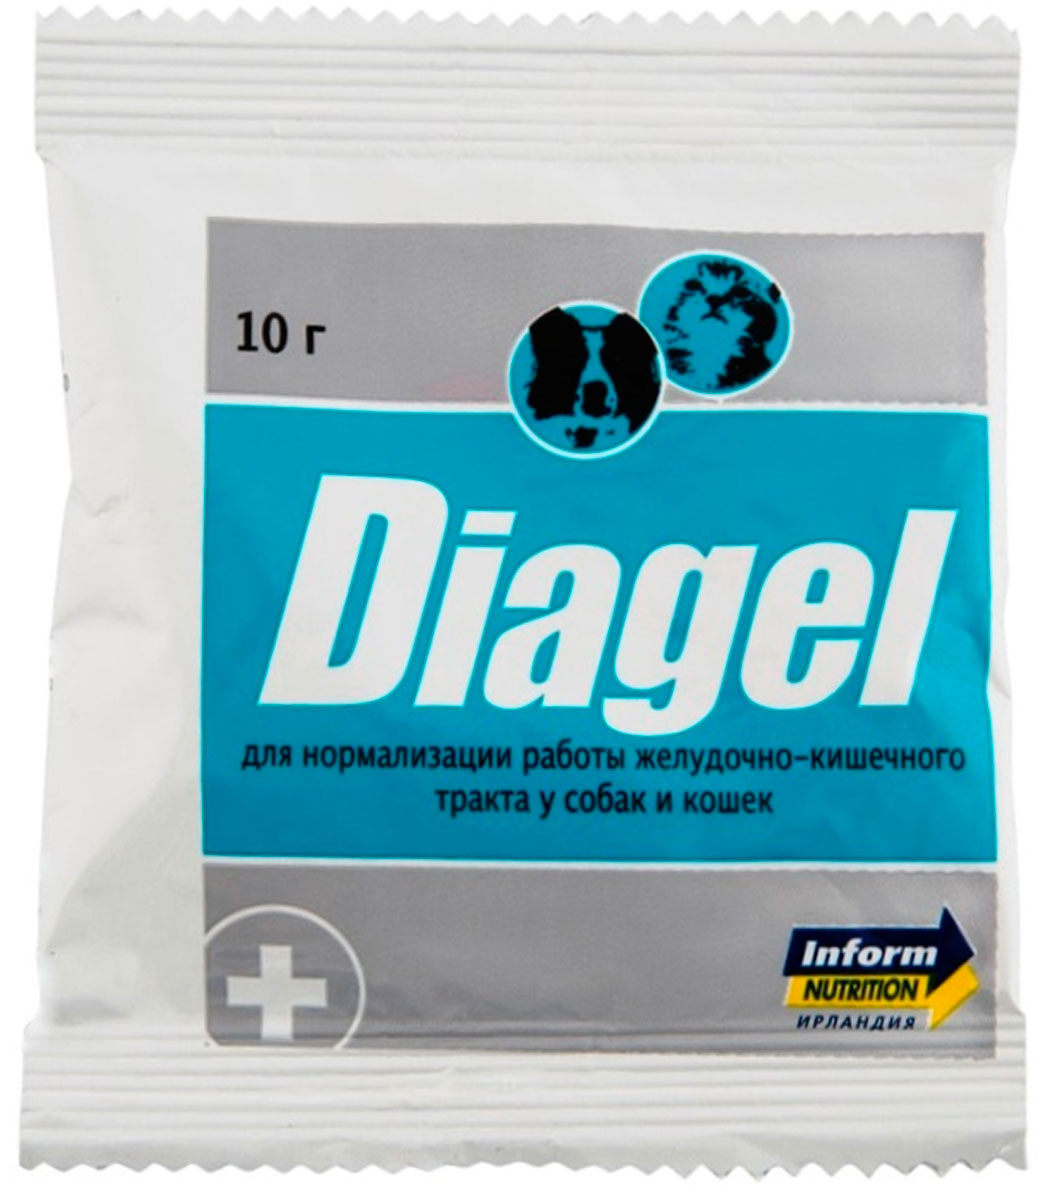 Diagel Диагель препарат для собак и кошек для нормализации работы желудочно-кишечного тракта 10 гр  (1 шт)